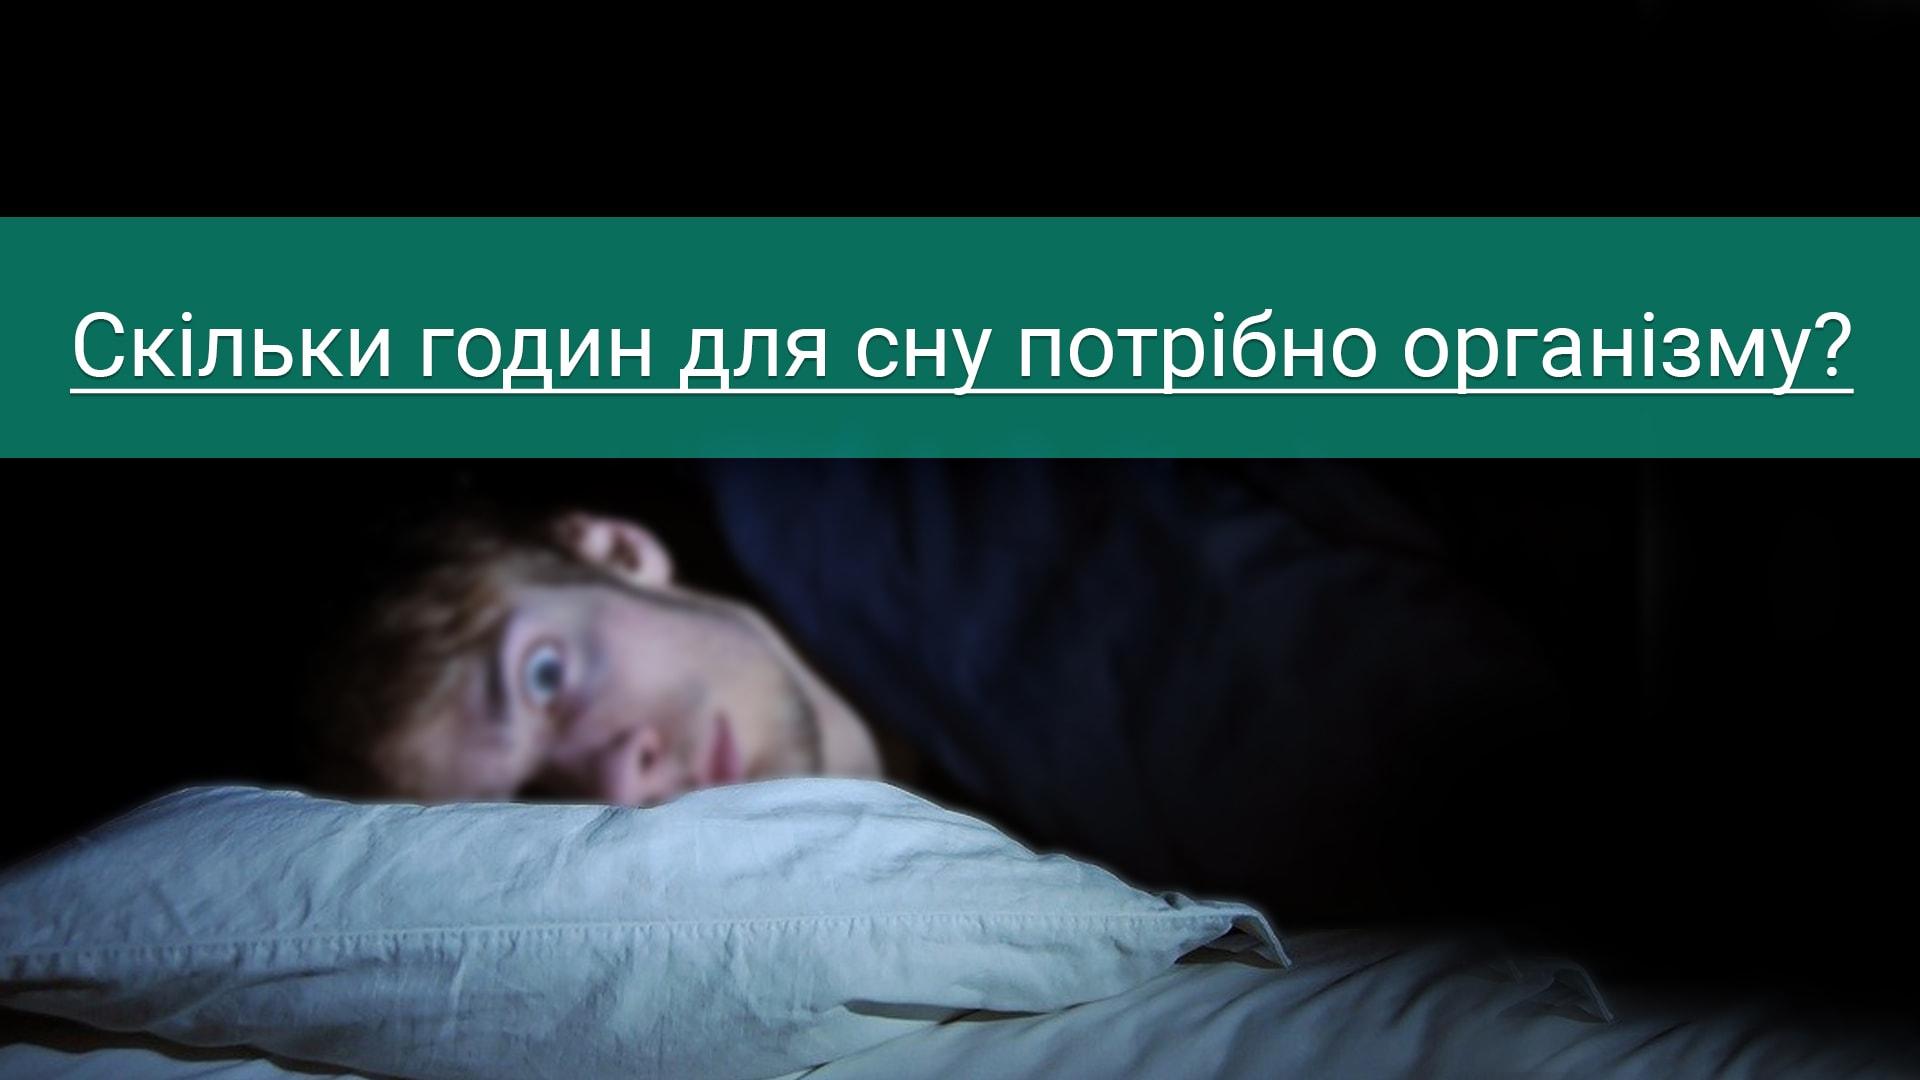 Скільки годин для сну потрібно організму